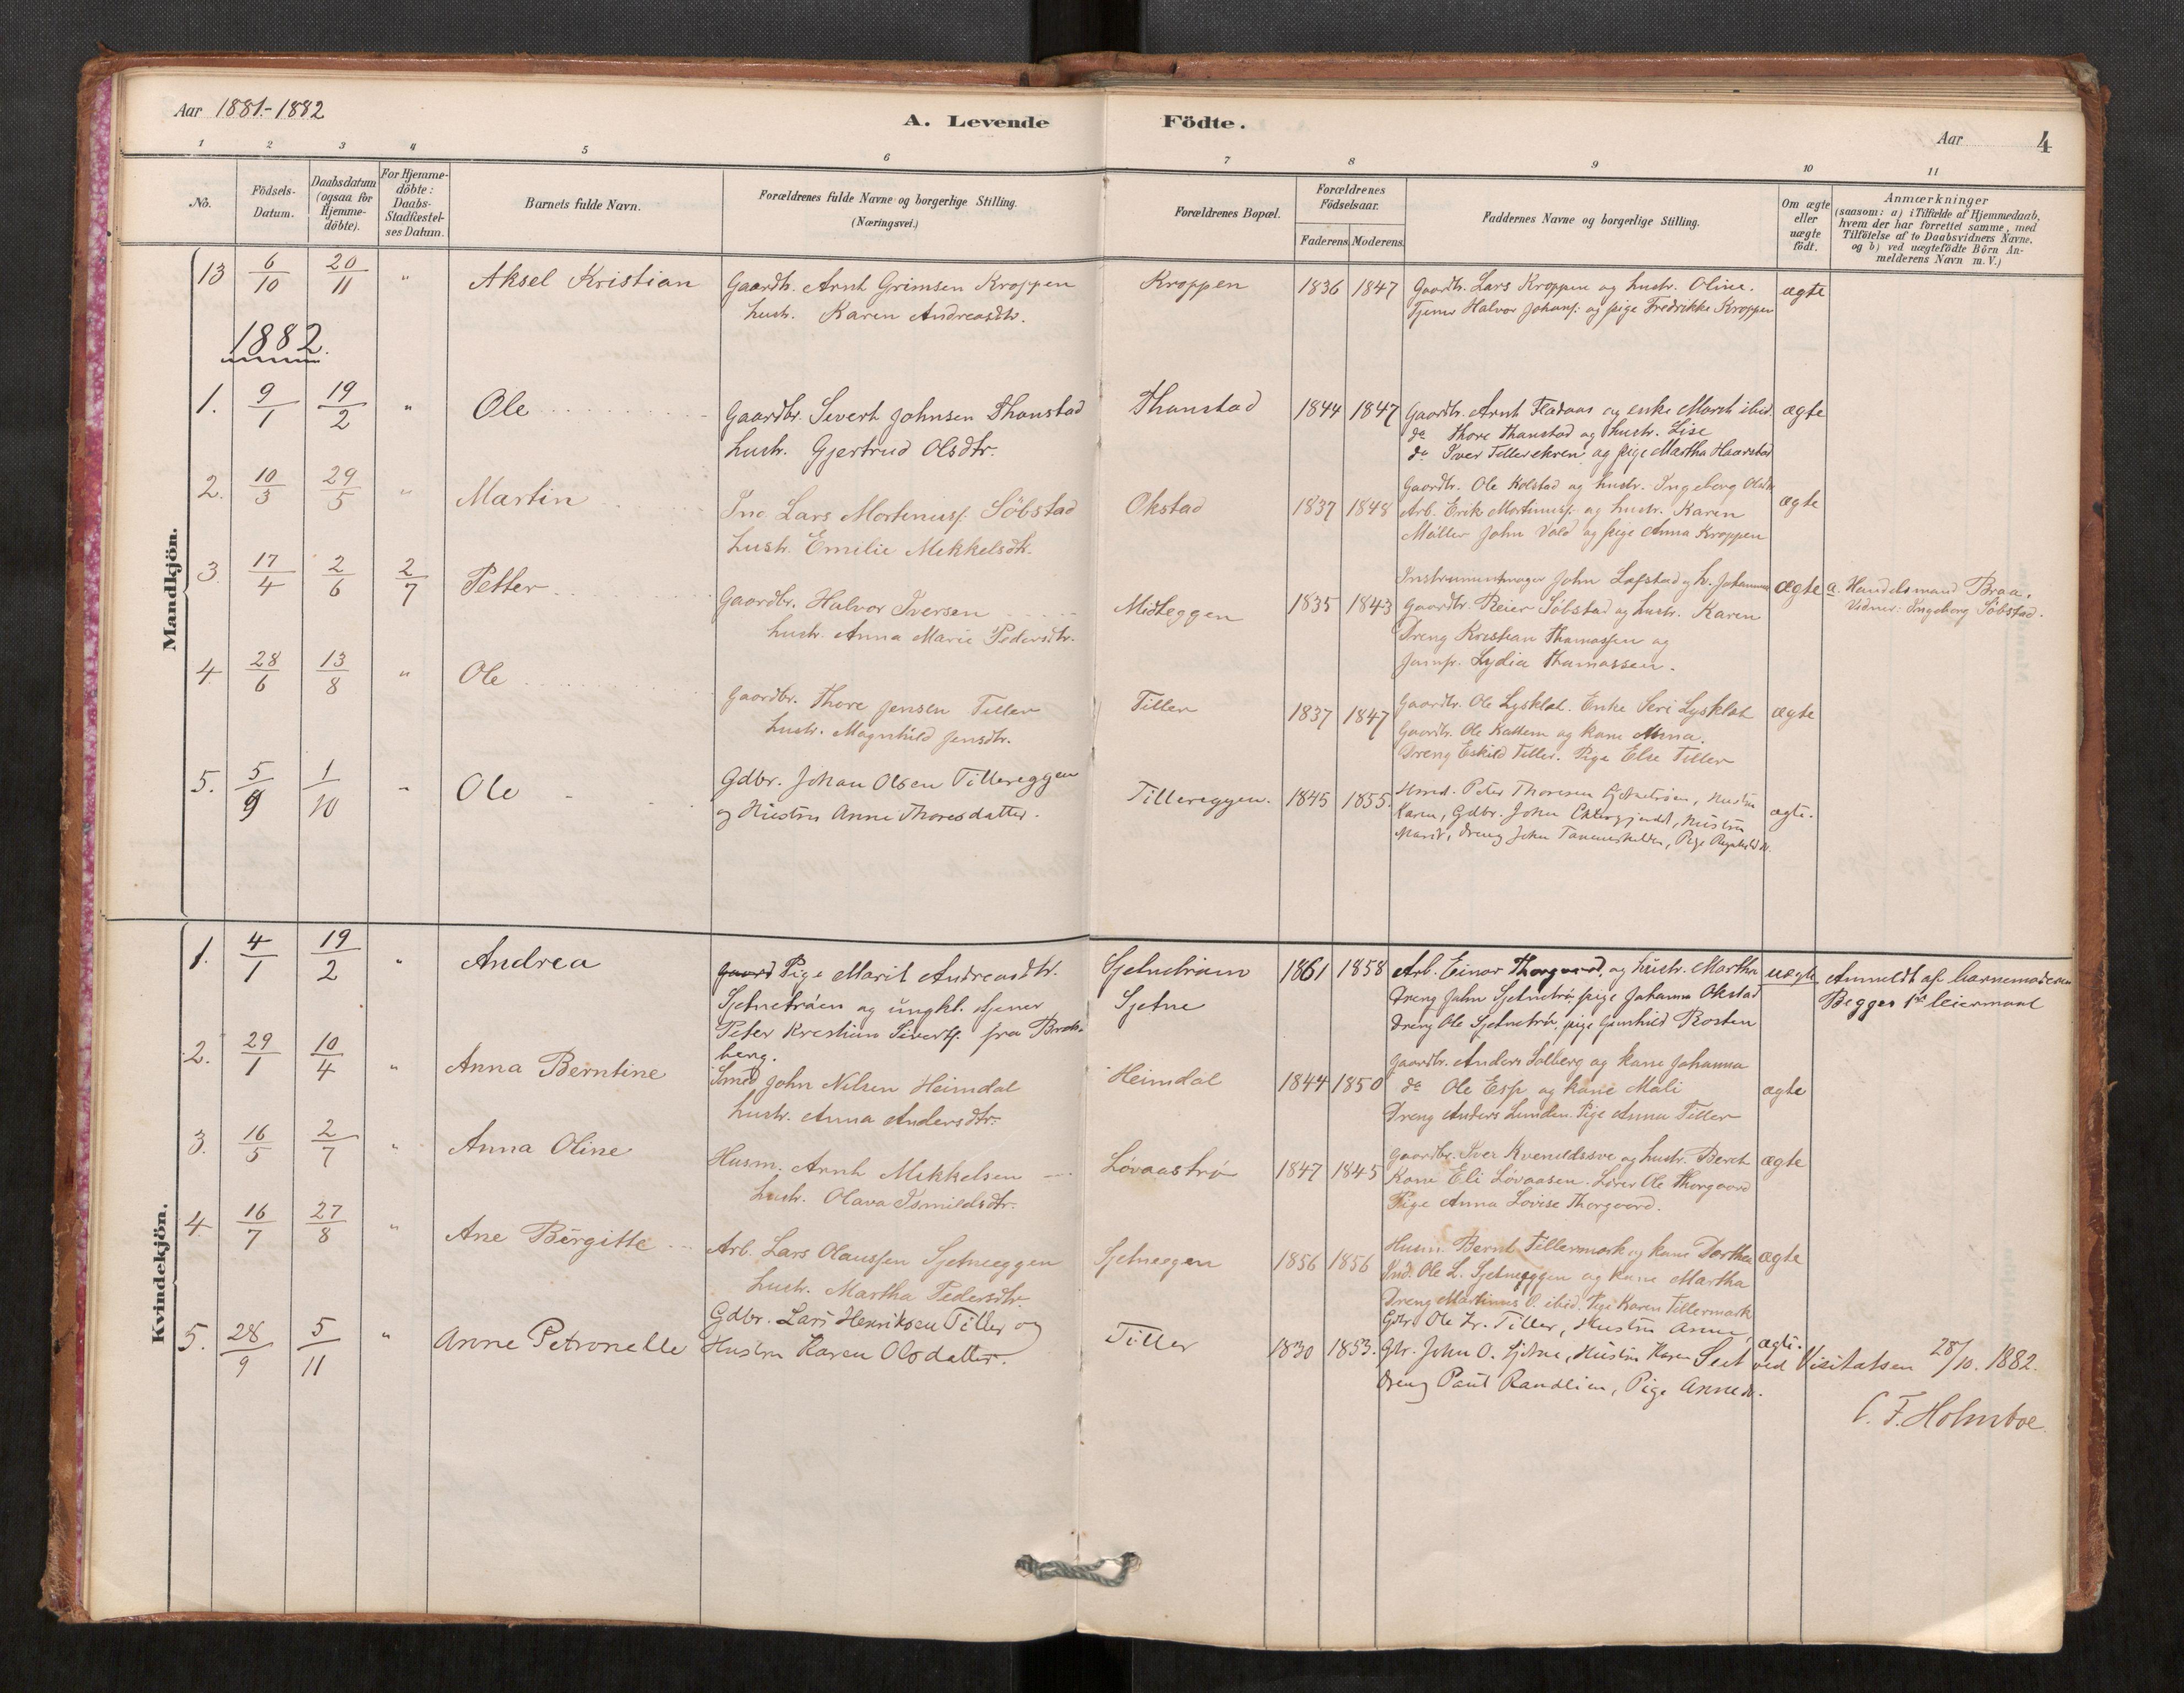 SAT, Klæbu sokneprestkontor, Parish register (official) no. 1, 1880-1900, p. 4